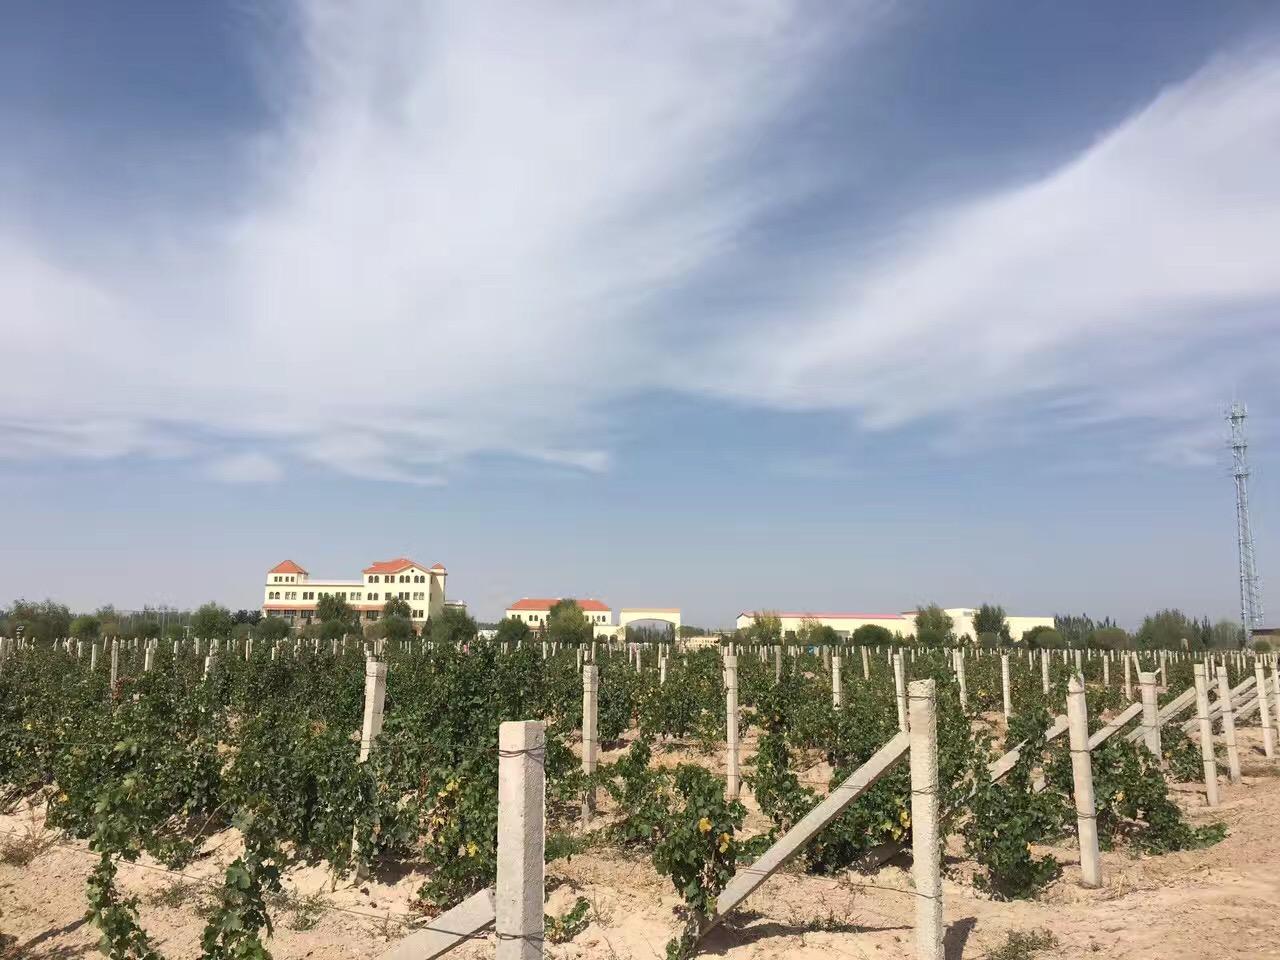 【葡粹动态】三十八度:做大产区的小酒庄,酿最精品葡萄酒